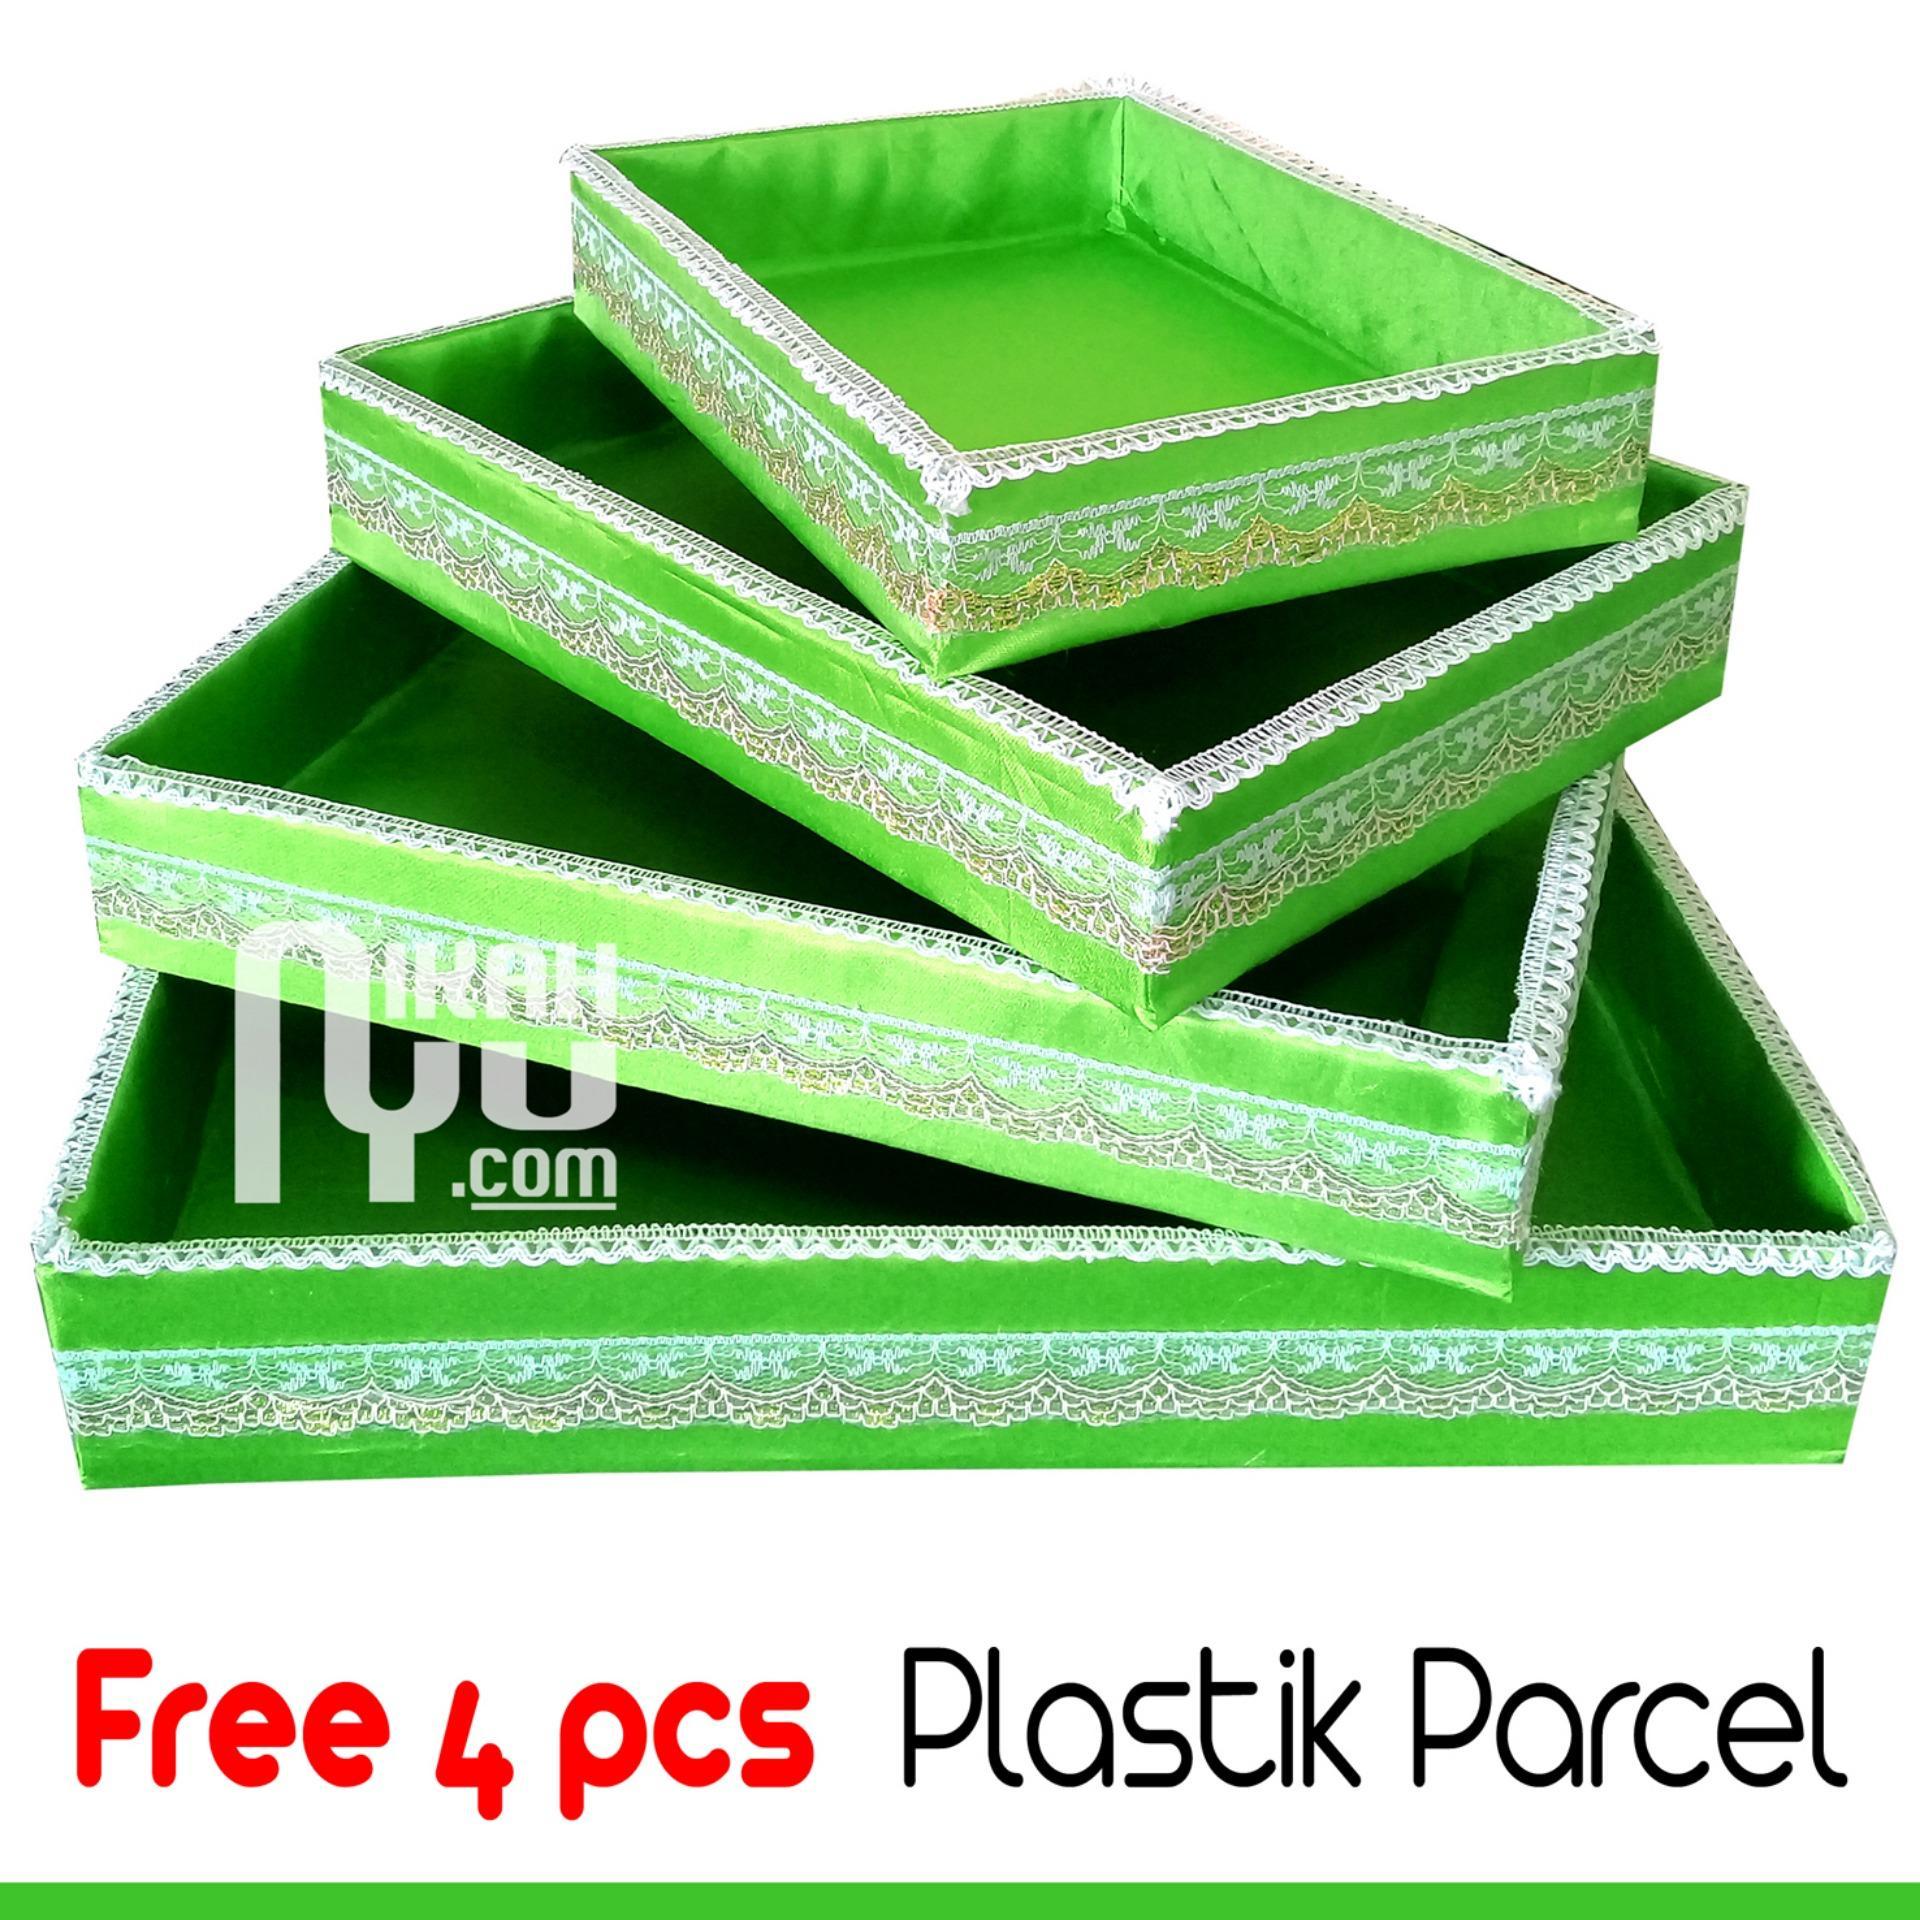 Kotak Hantaran Seserahan Isi 4 Harga Murah Gratis 4 Pcs Plastik Parcel